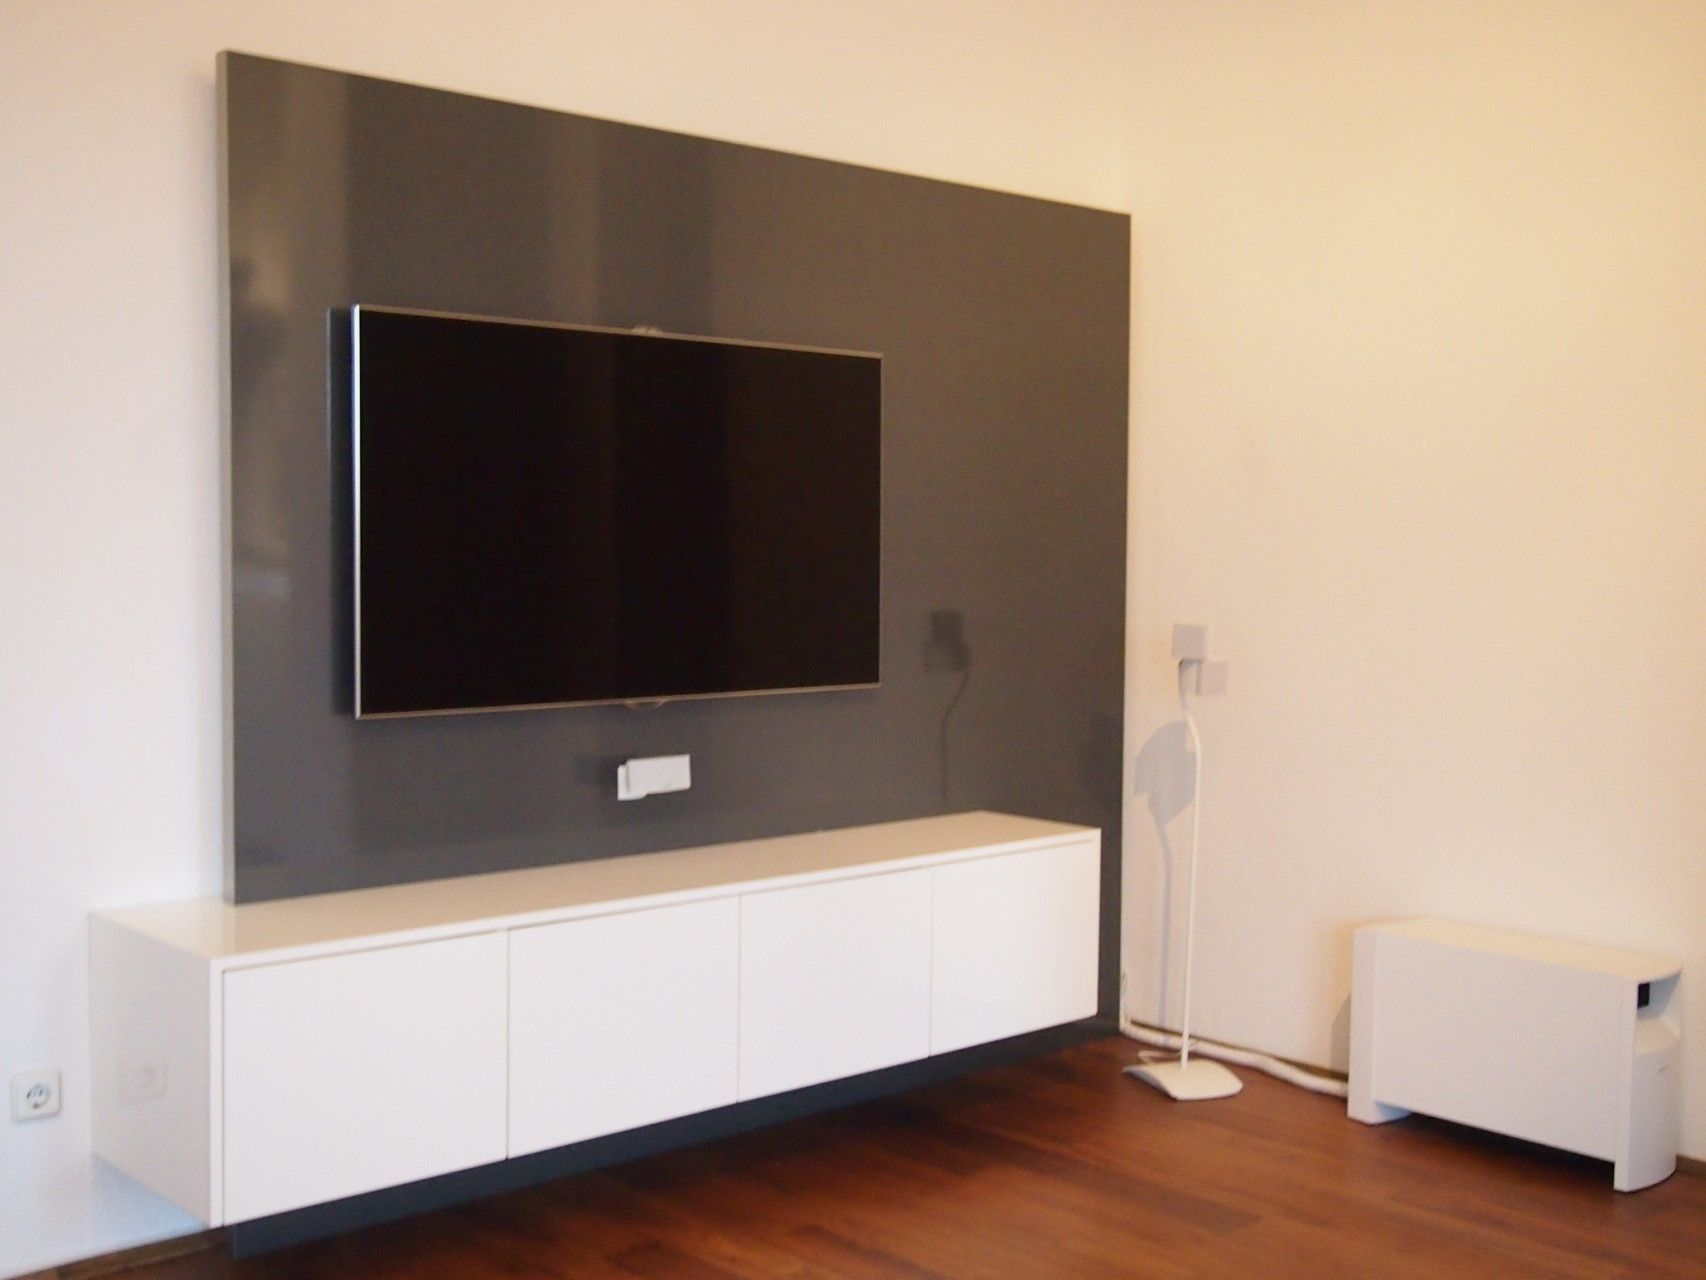 Referenzen - TV WALL TV Wand  Fernsehwand aus Schreinerhand  Tv